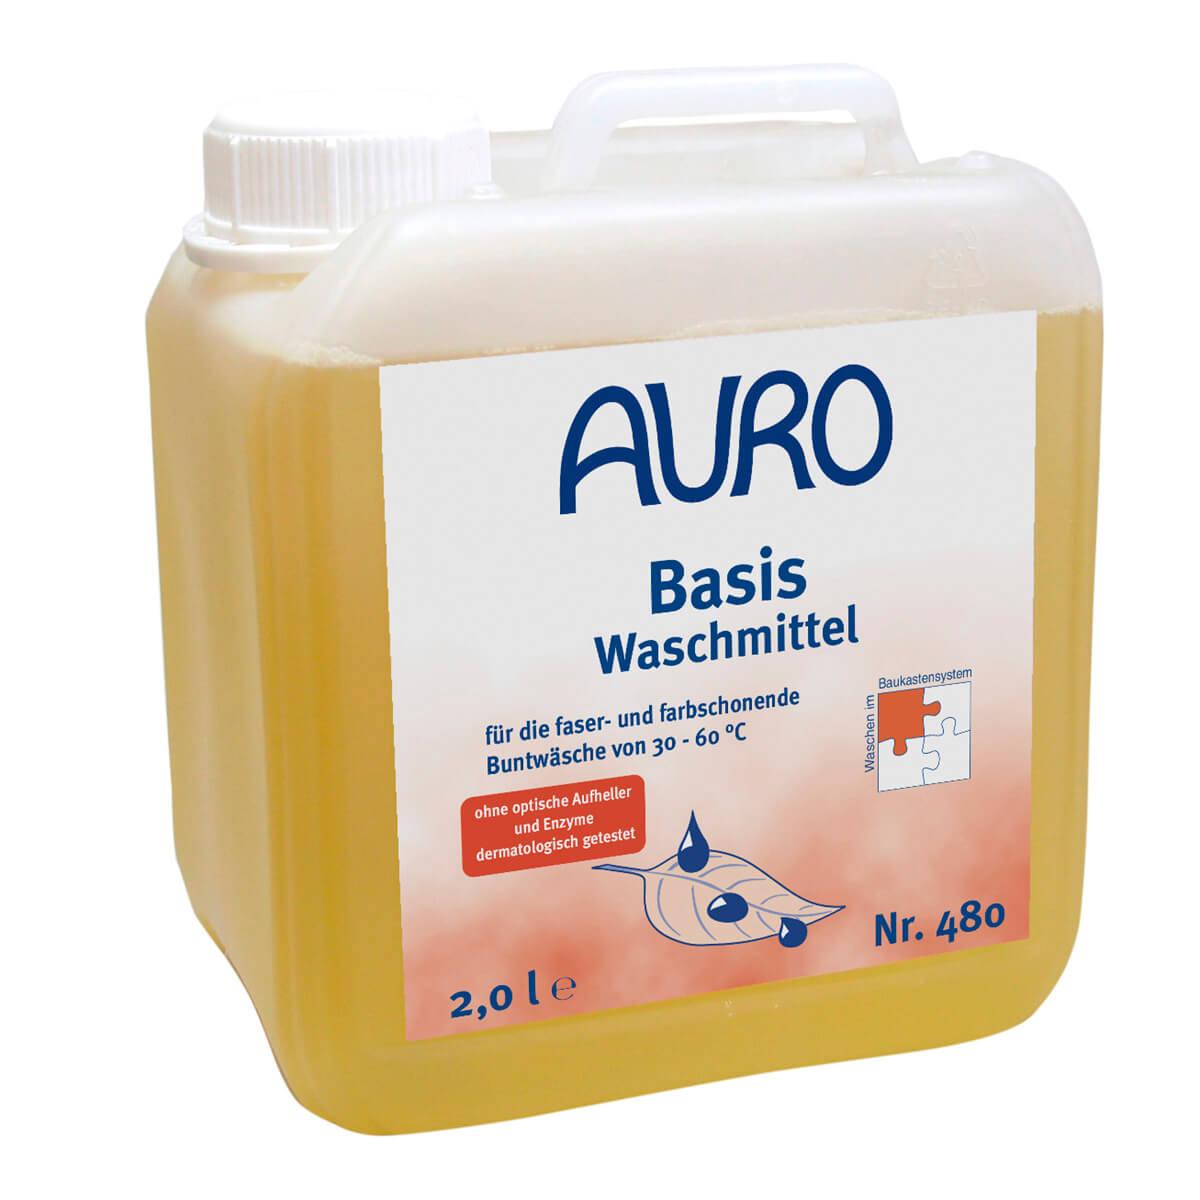 AURO Basis-Waschmittel